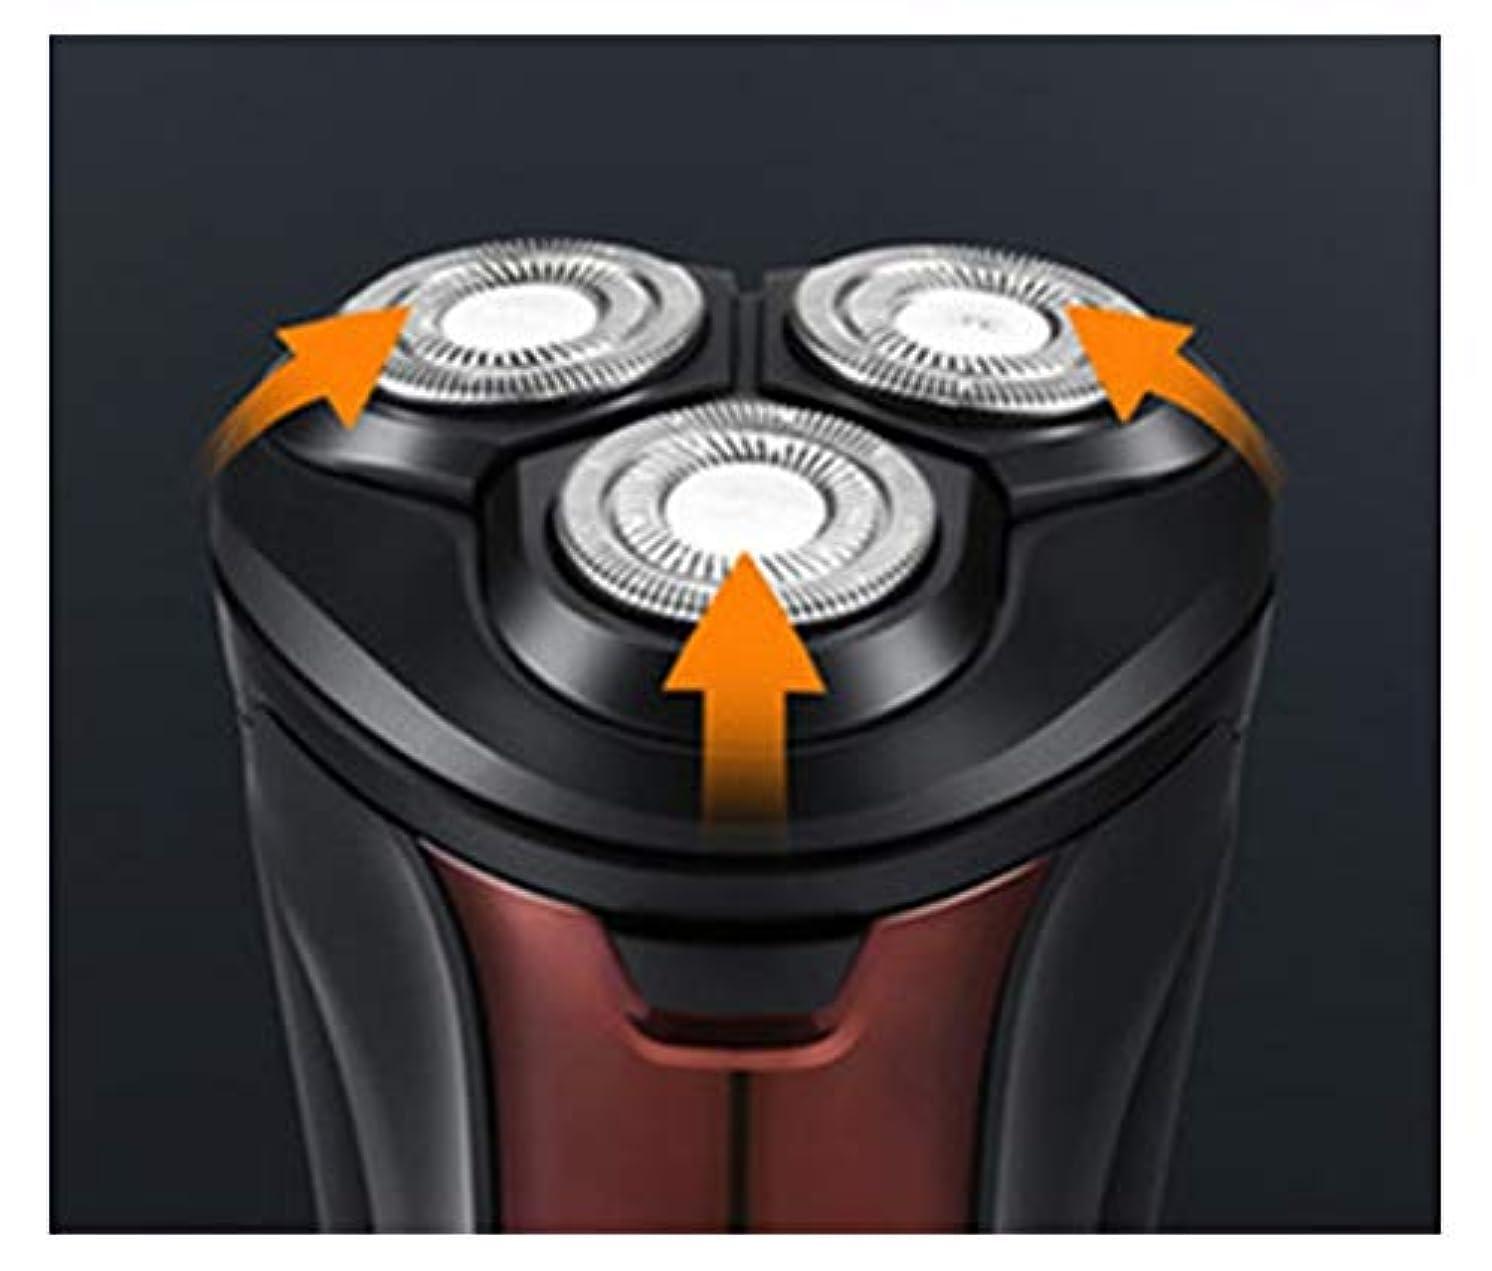 風景彼女のスラダムNKDK - シェーバー シェーバー - 家庭用かみそり人格電気かみそり男性ボディウォッシュ充電式ひげナイフ耐久性 - シェーバー